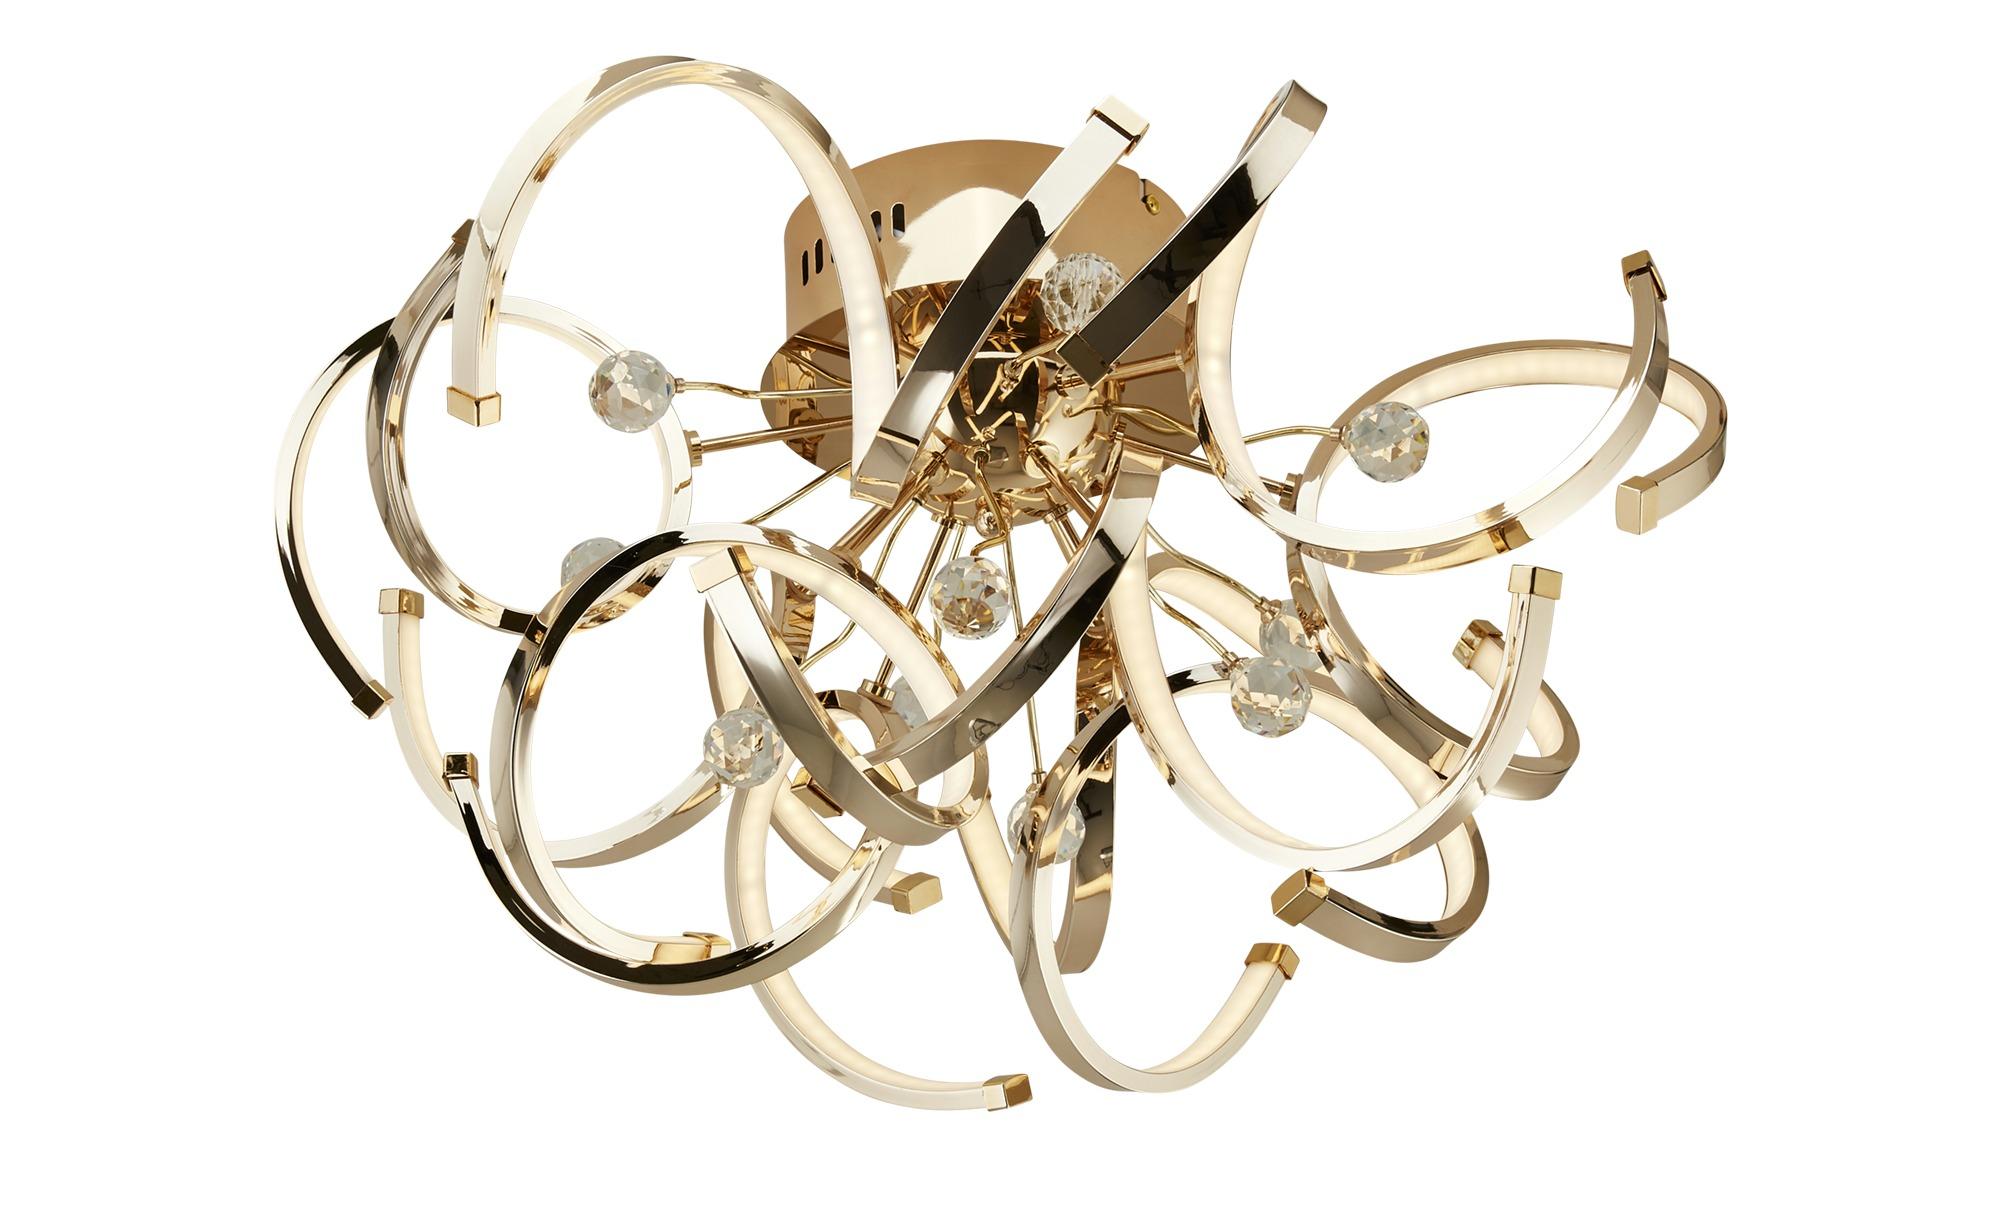 goldfarben andere deckenlampen online kaufen m bel. Black Bedroom Furniture Sets. Home Design Ideas